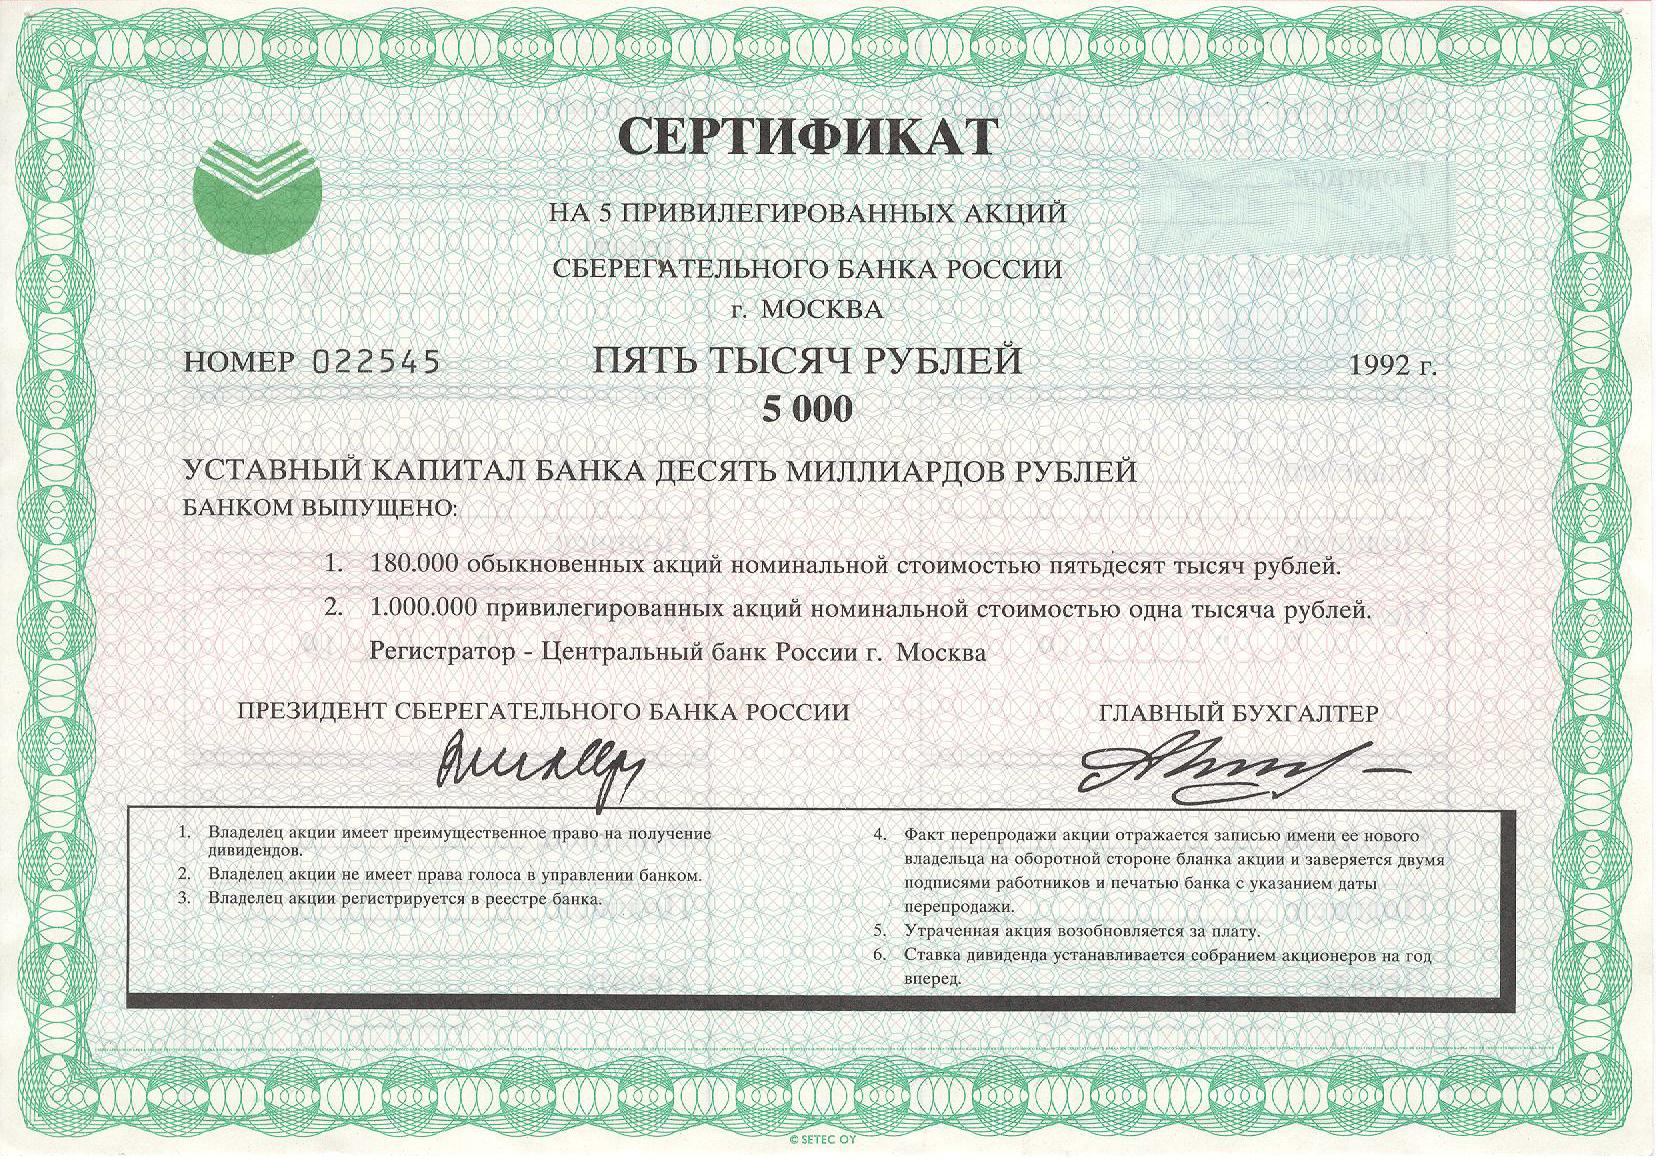 5000 рублей - нарицательная стоимость данной ценной бумаги.